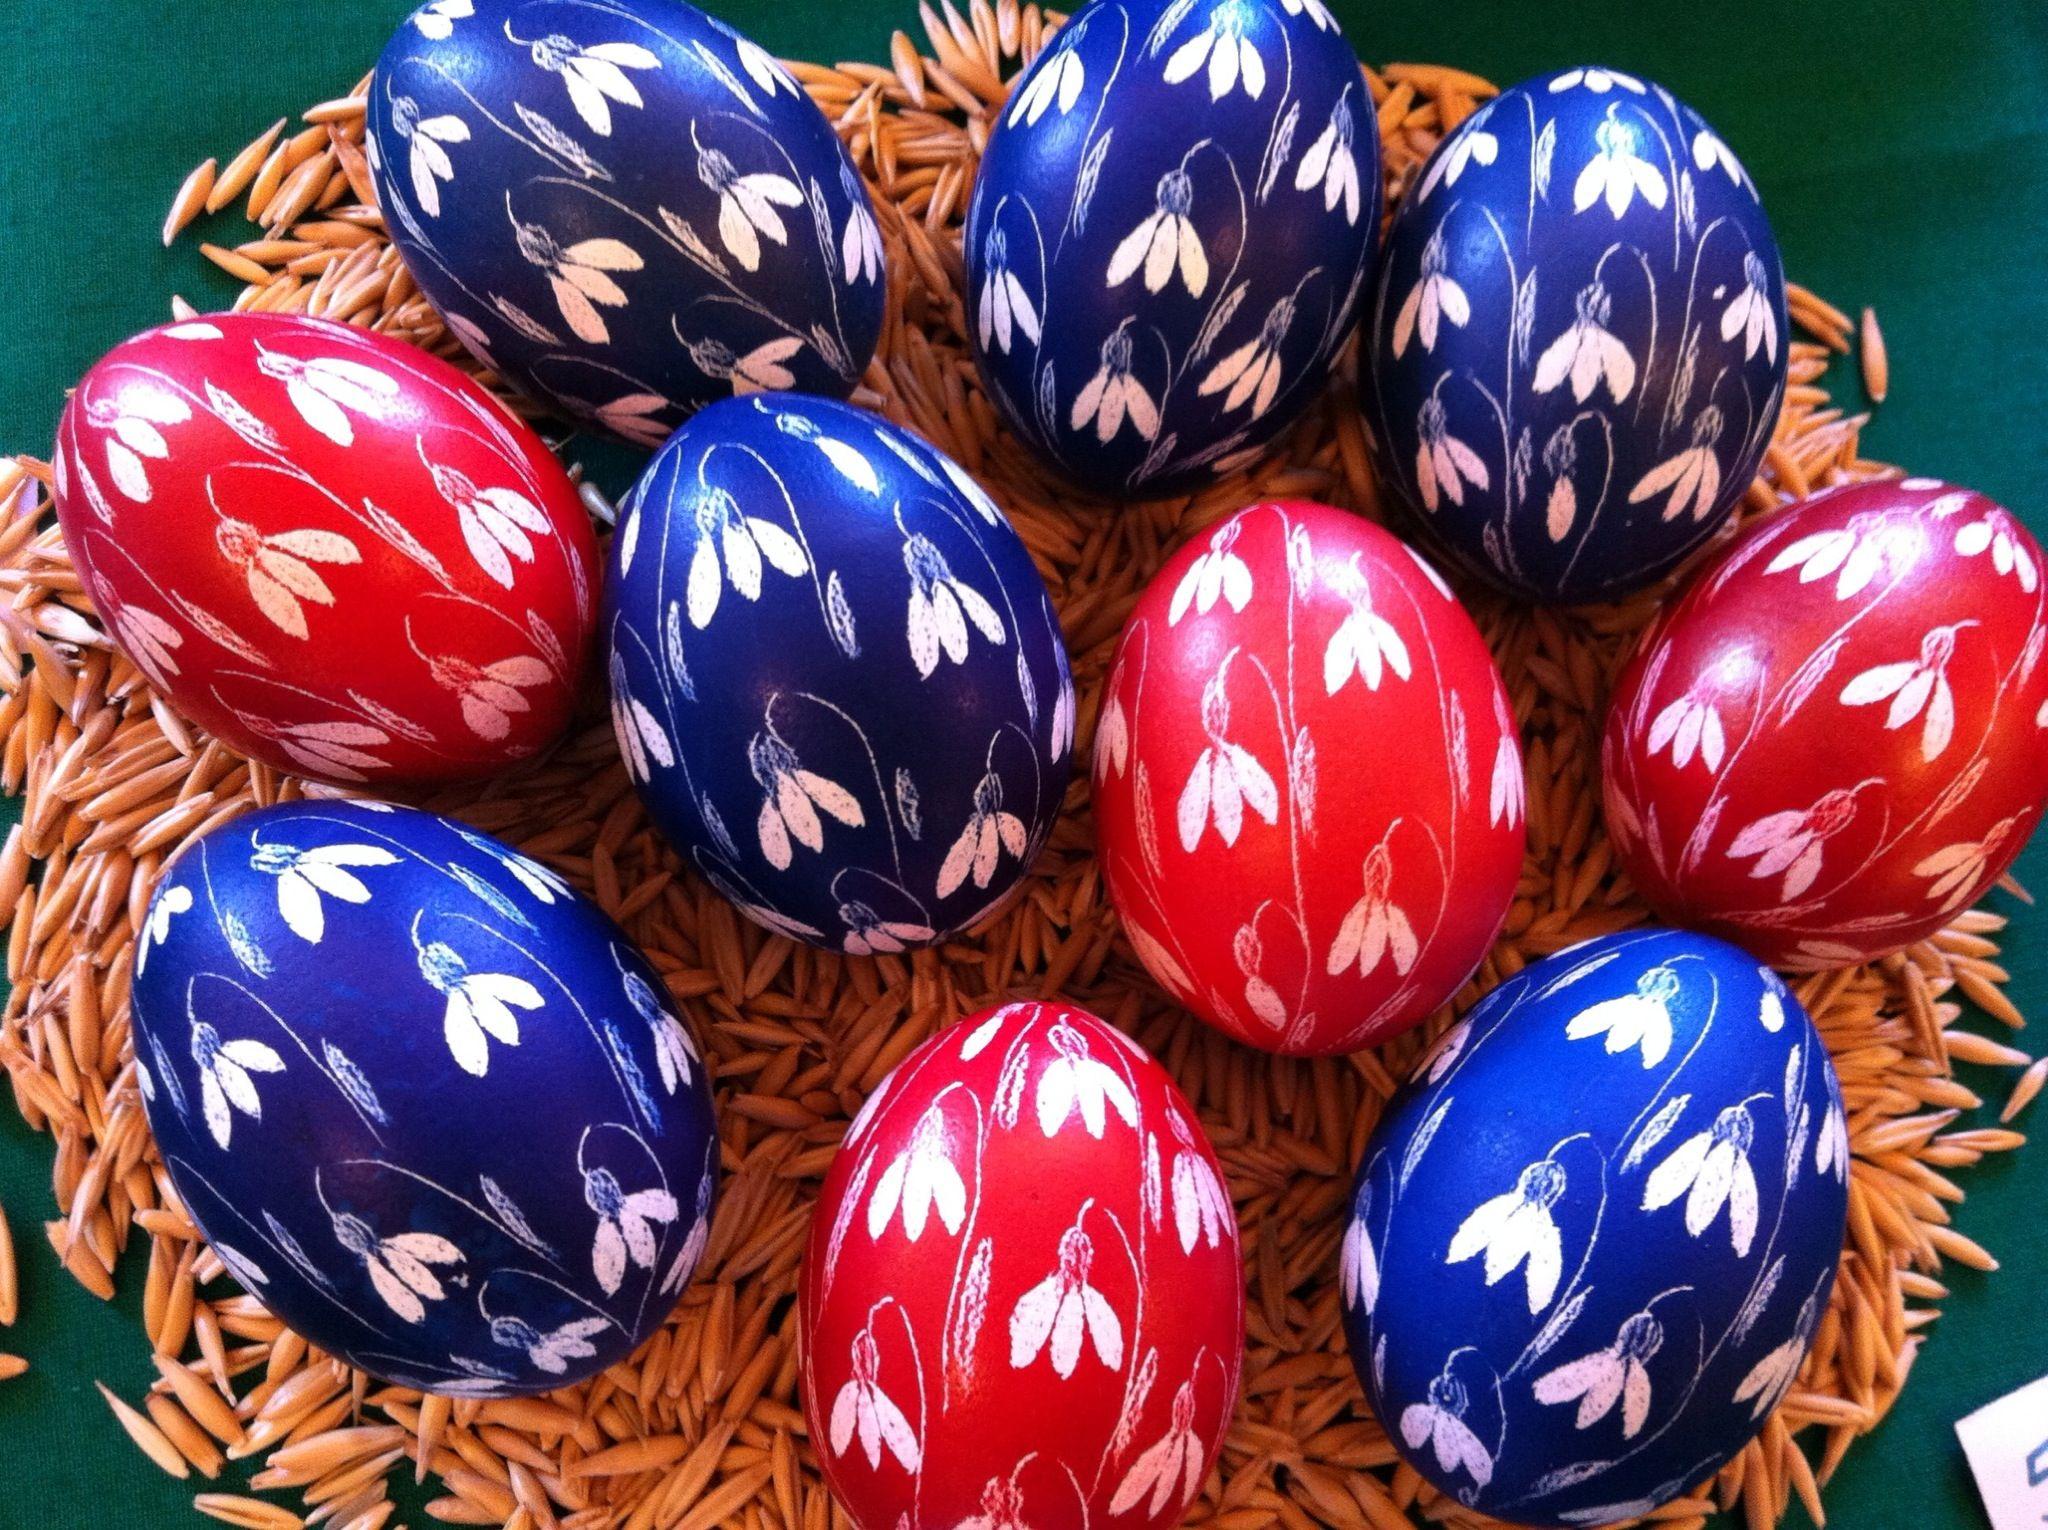 sorbische ostereier sorbian easter eggs easter eggs. Black Bedroom Furniture Sets. Home Design Ideas